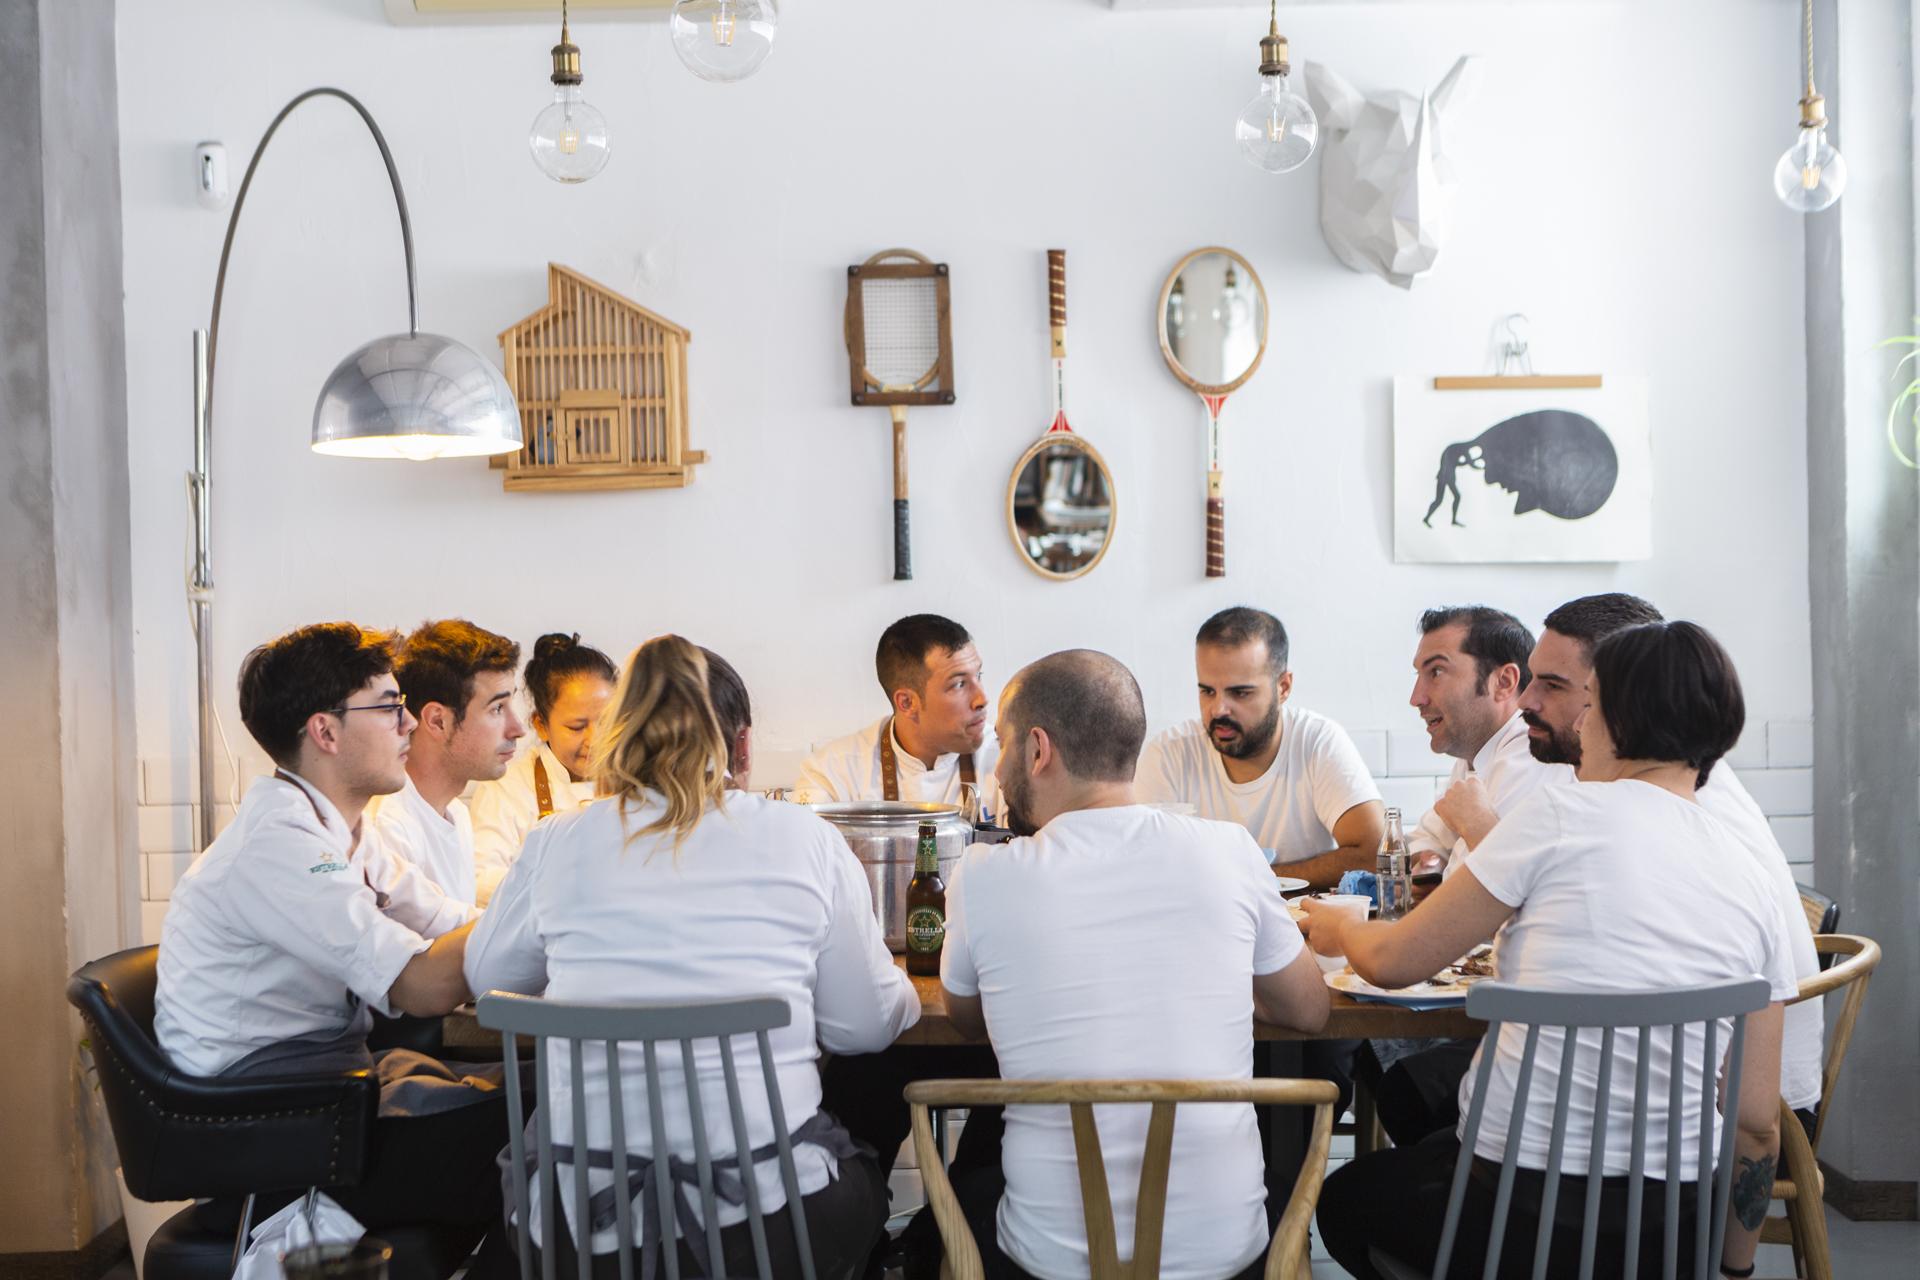 Equipo de Local de Ensayo en la mesa